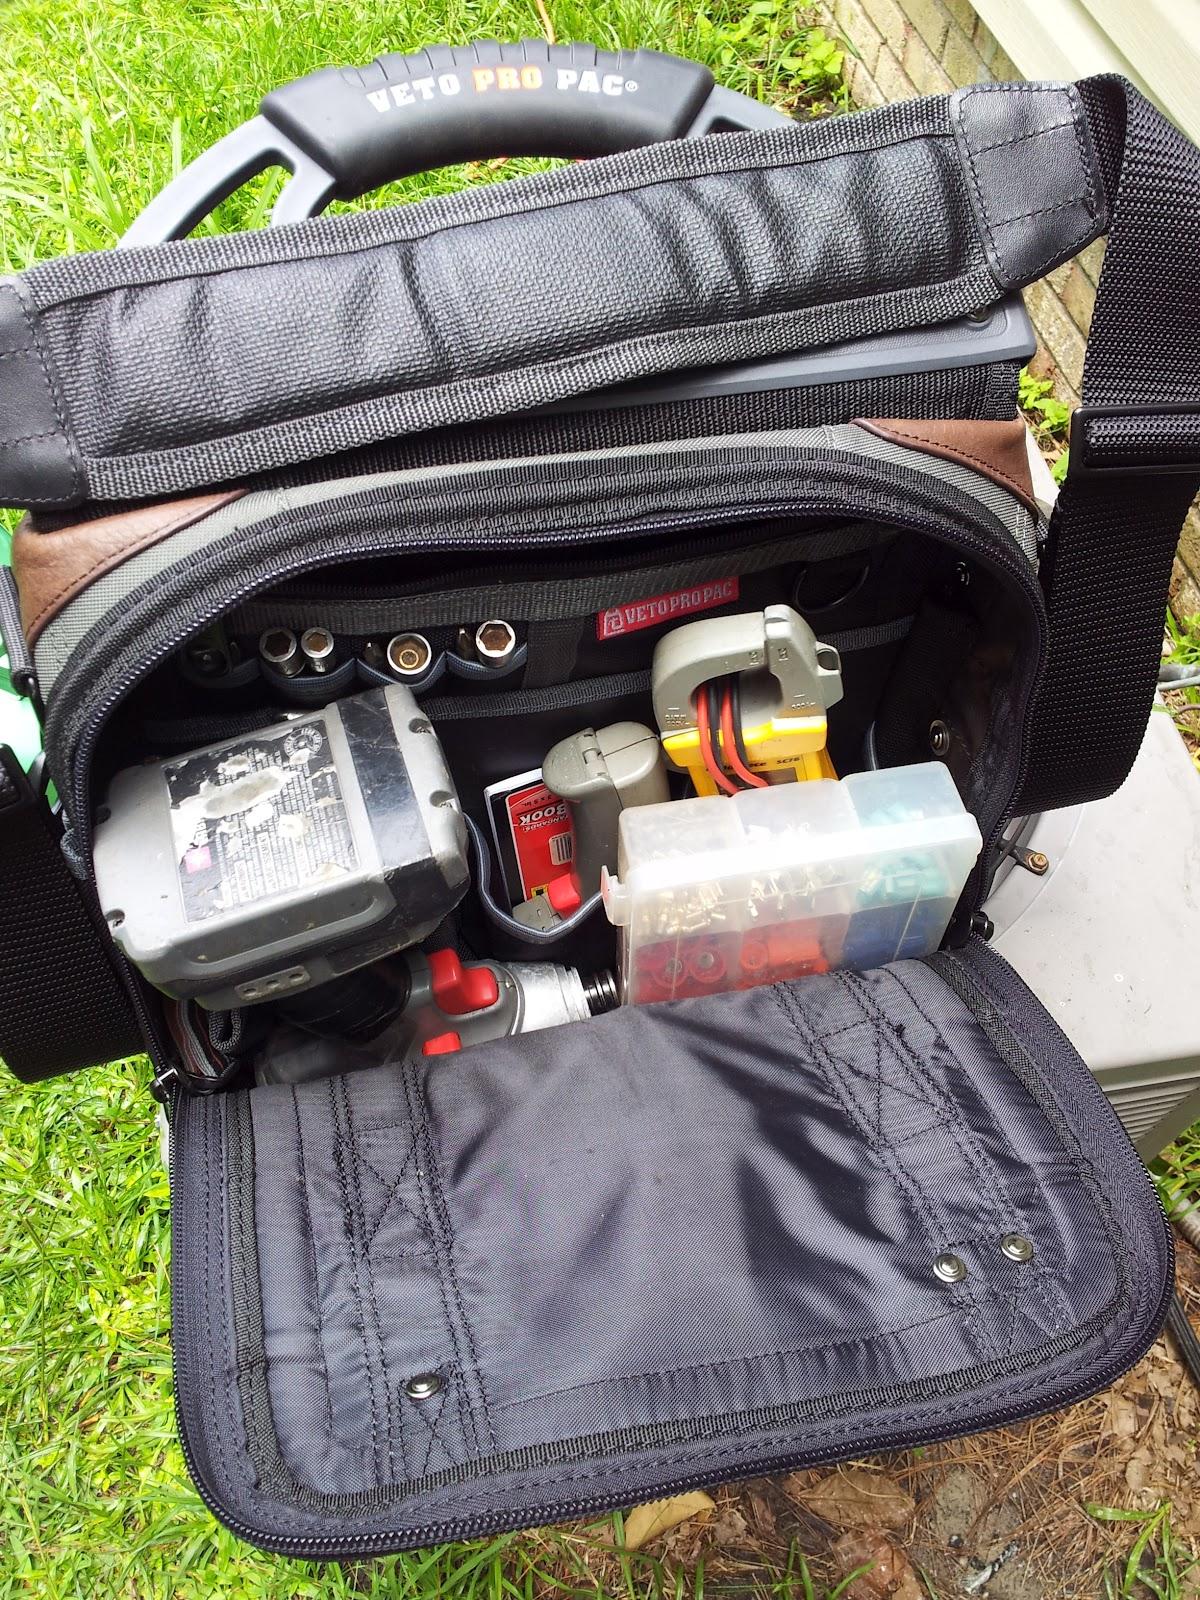 HVAC Technician s Tool Bag - Veto Pro Pac Tech LC  99db1fcd8a750